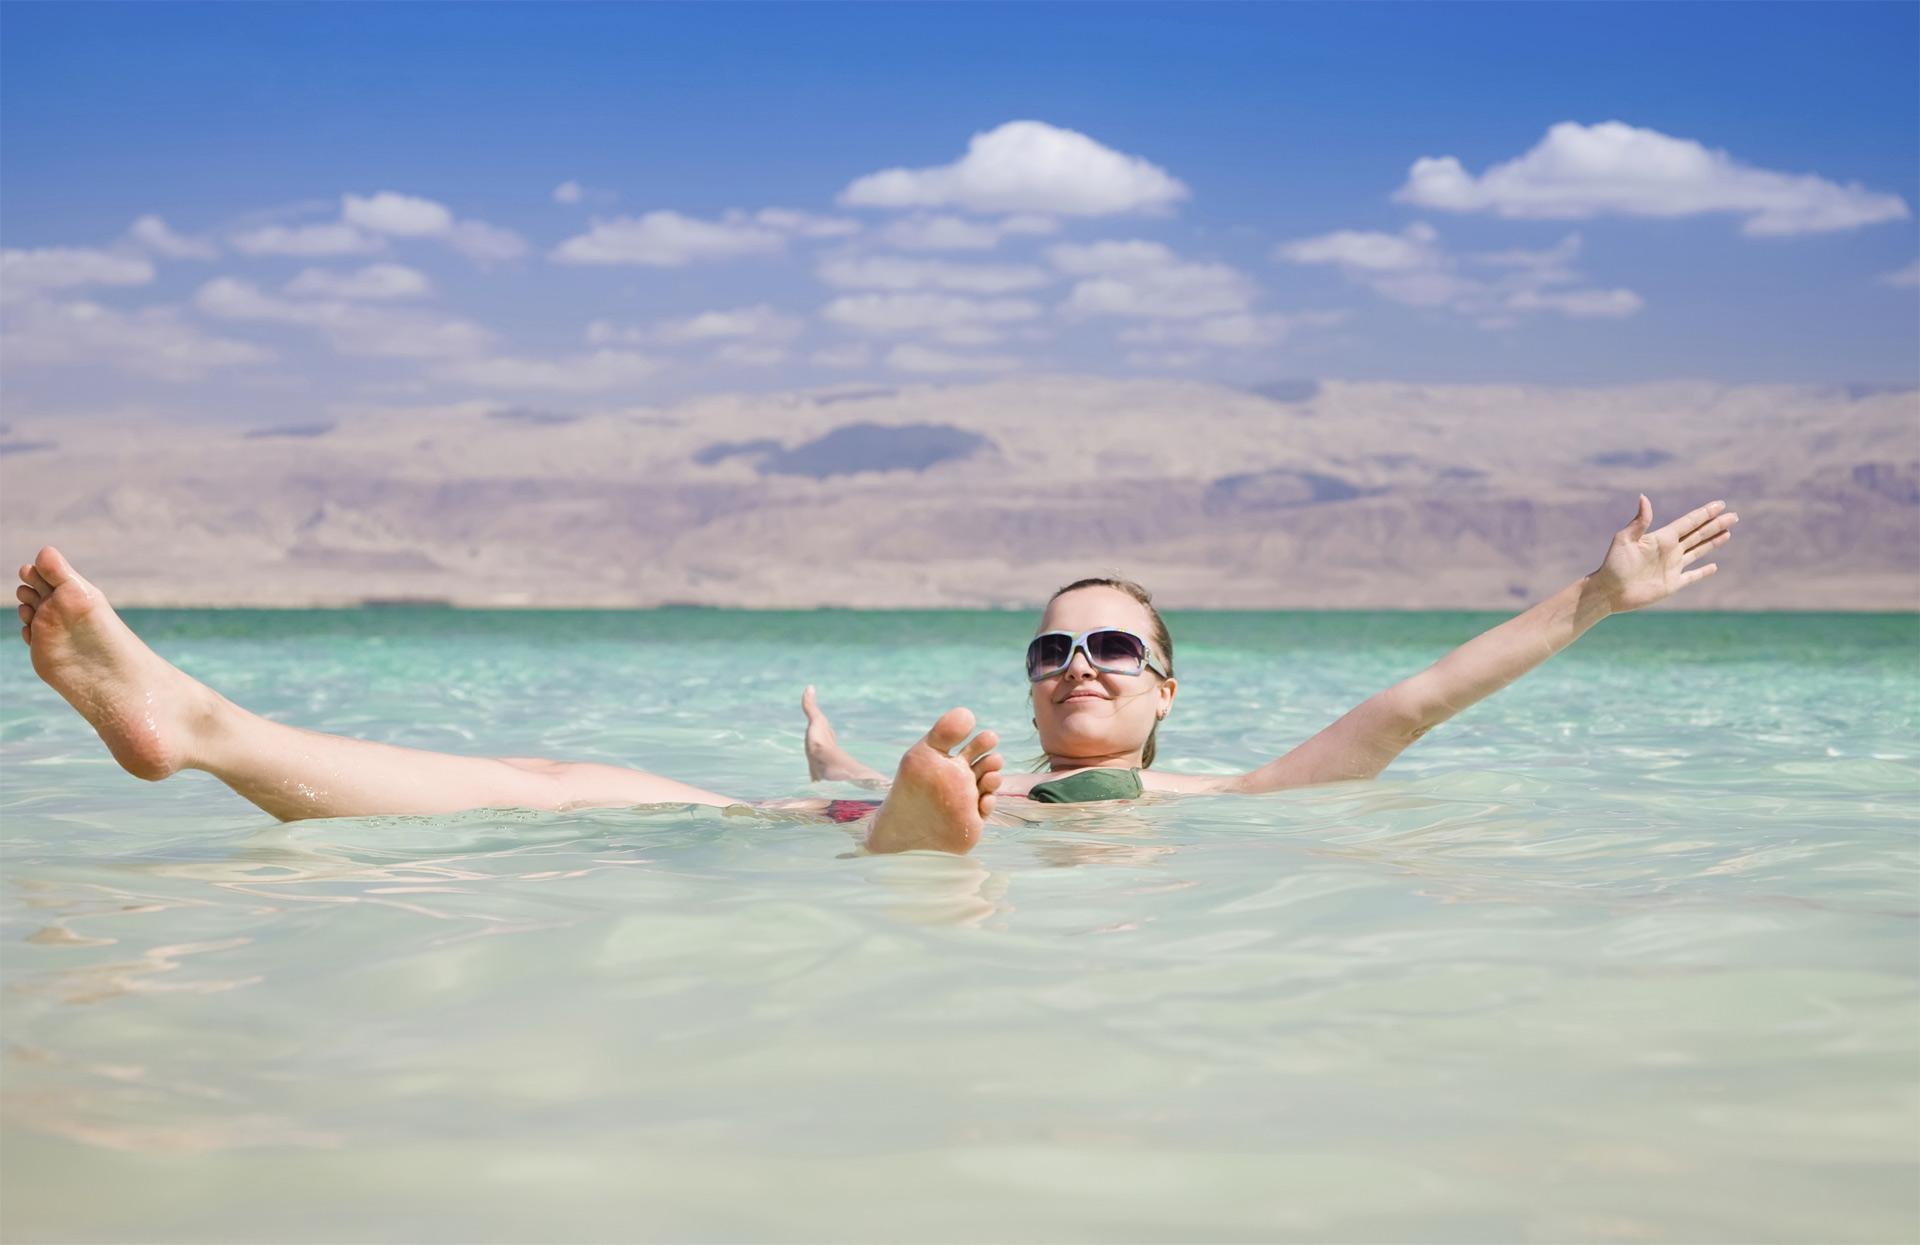 Toma precaucione cuando vayas a nadar en la playa o en lagos